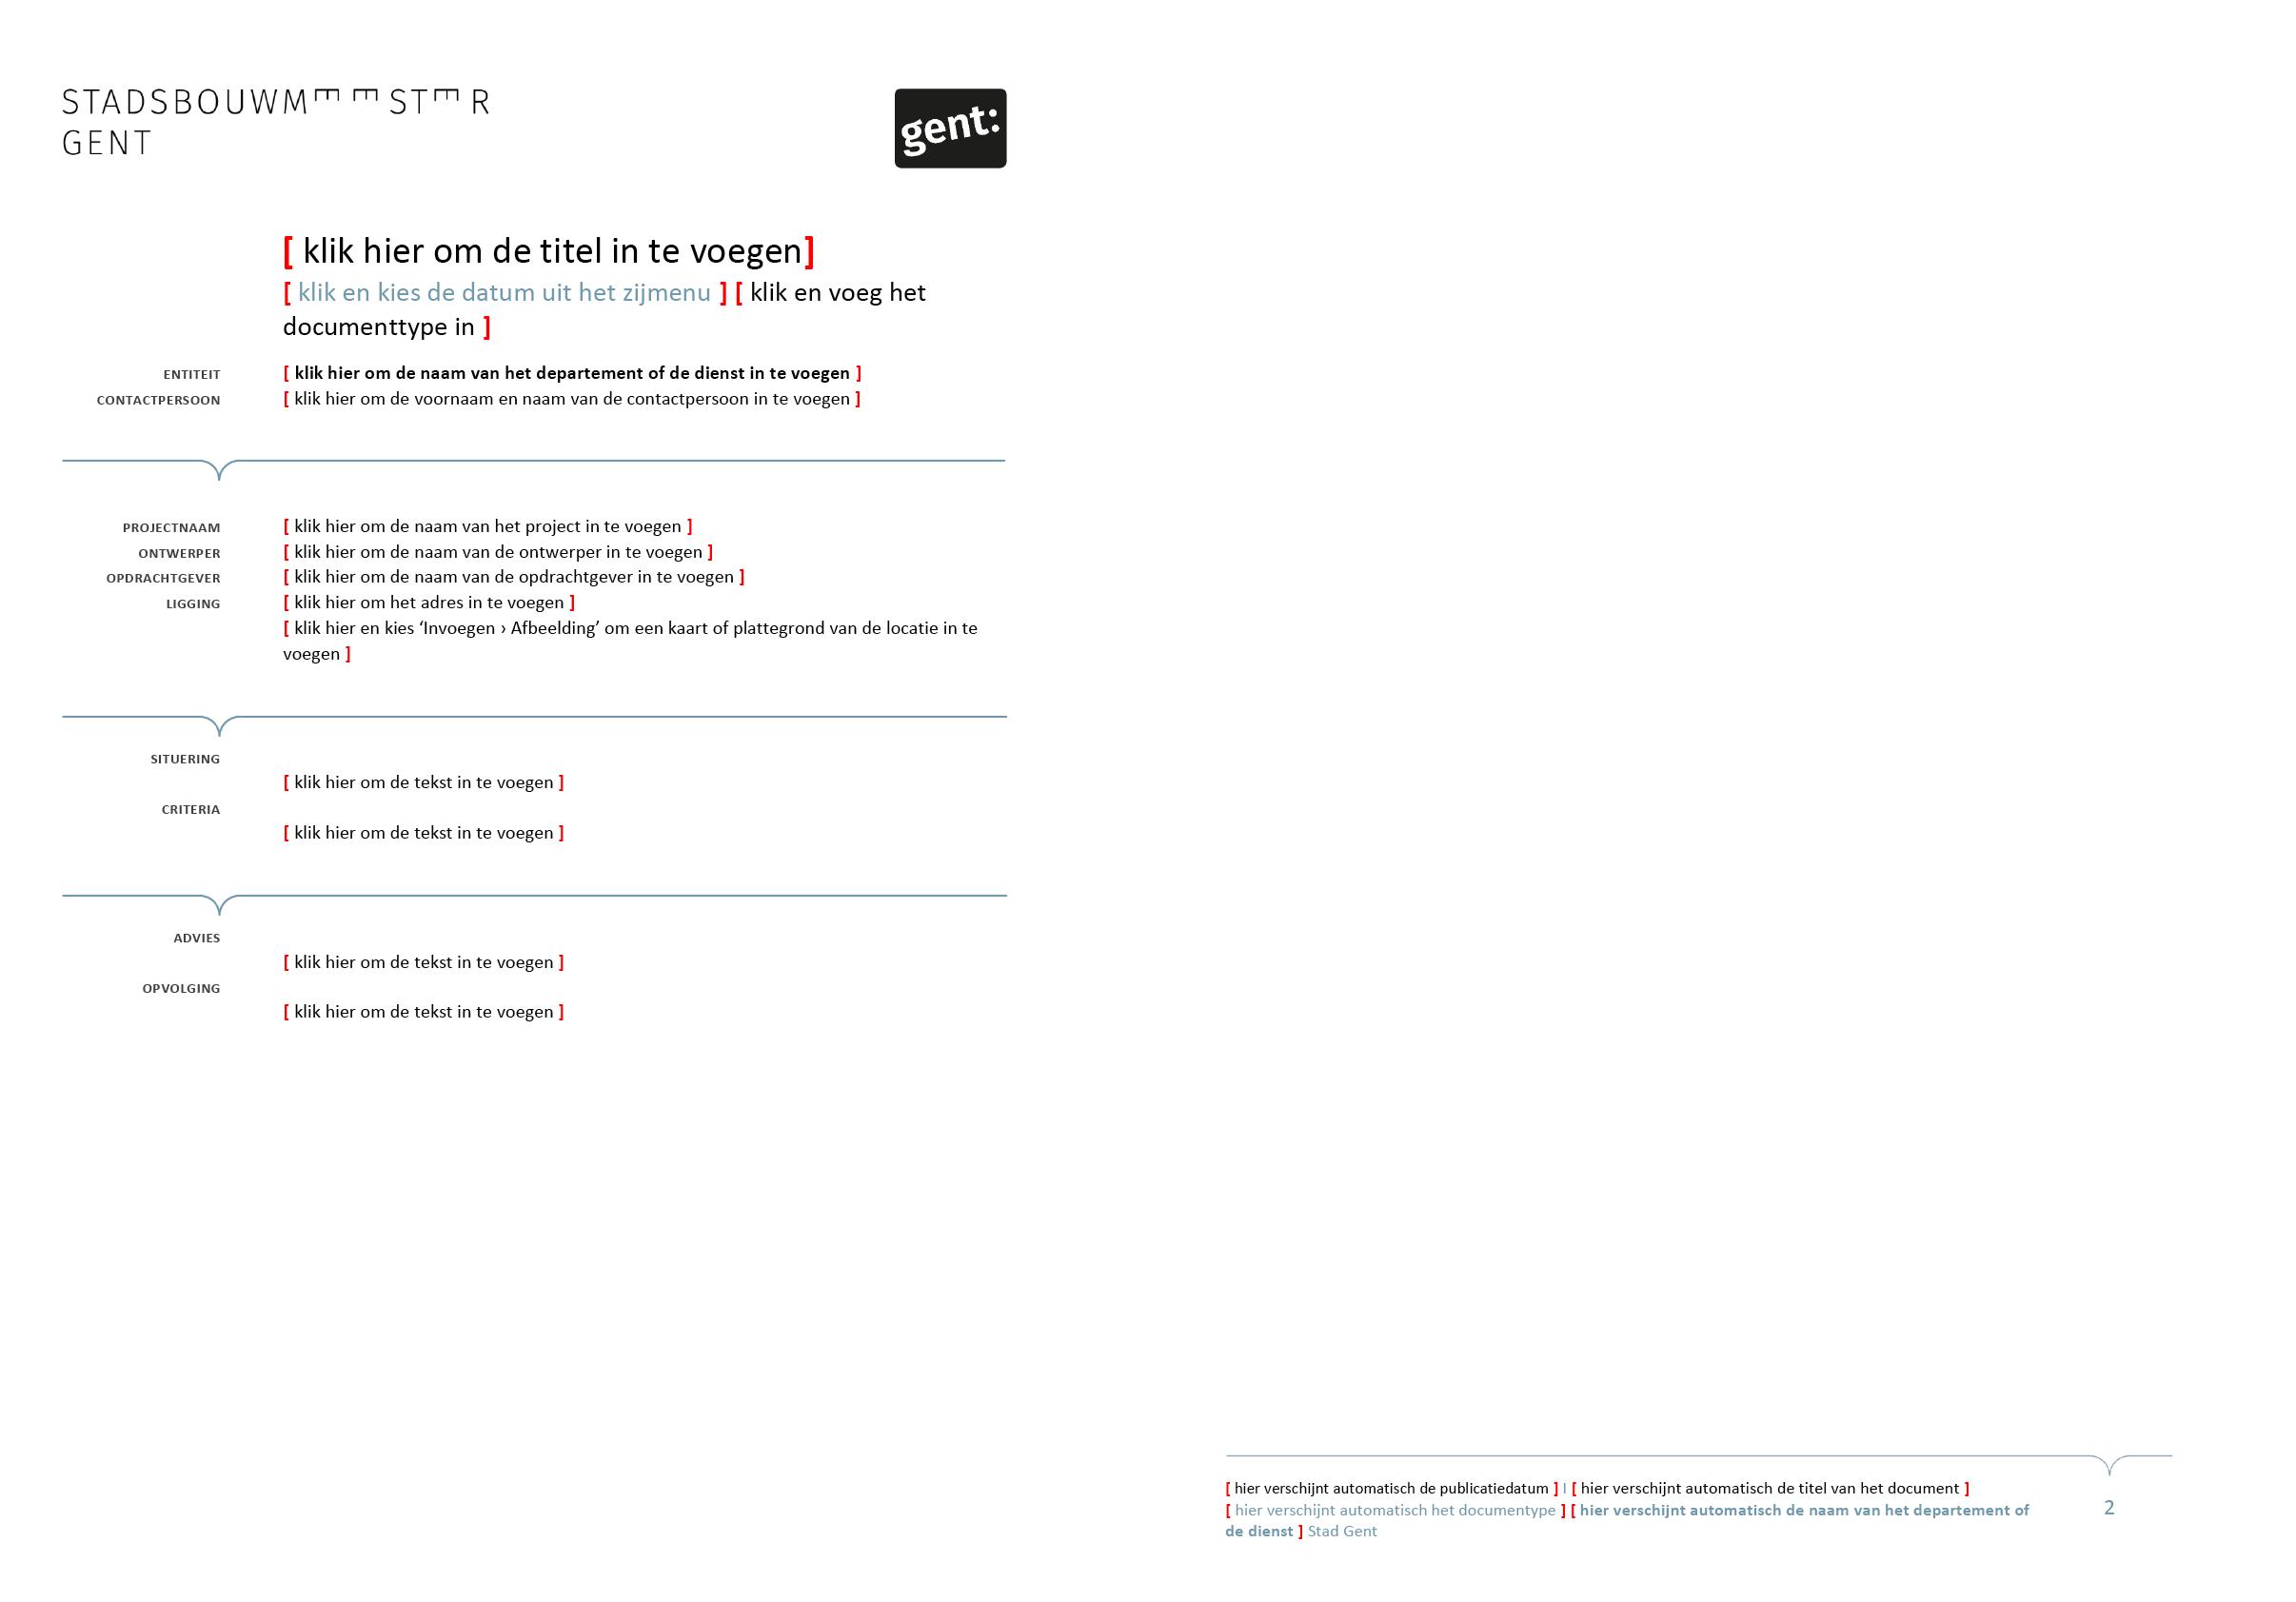 Advies van de Stadsbouwmeester Gent (blanco). Afgeleid en gepersonaliseerd Microsoft Word-sjabloon voor de Stad Gent.